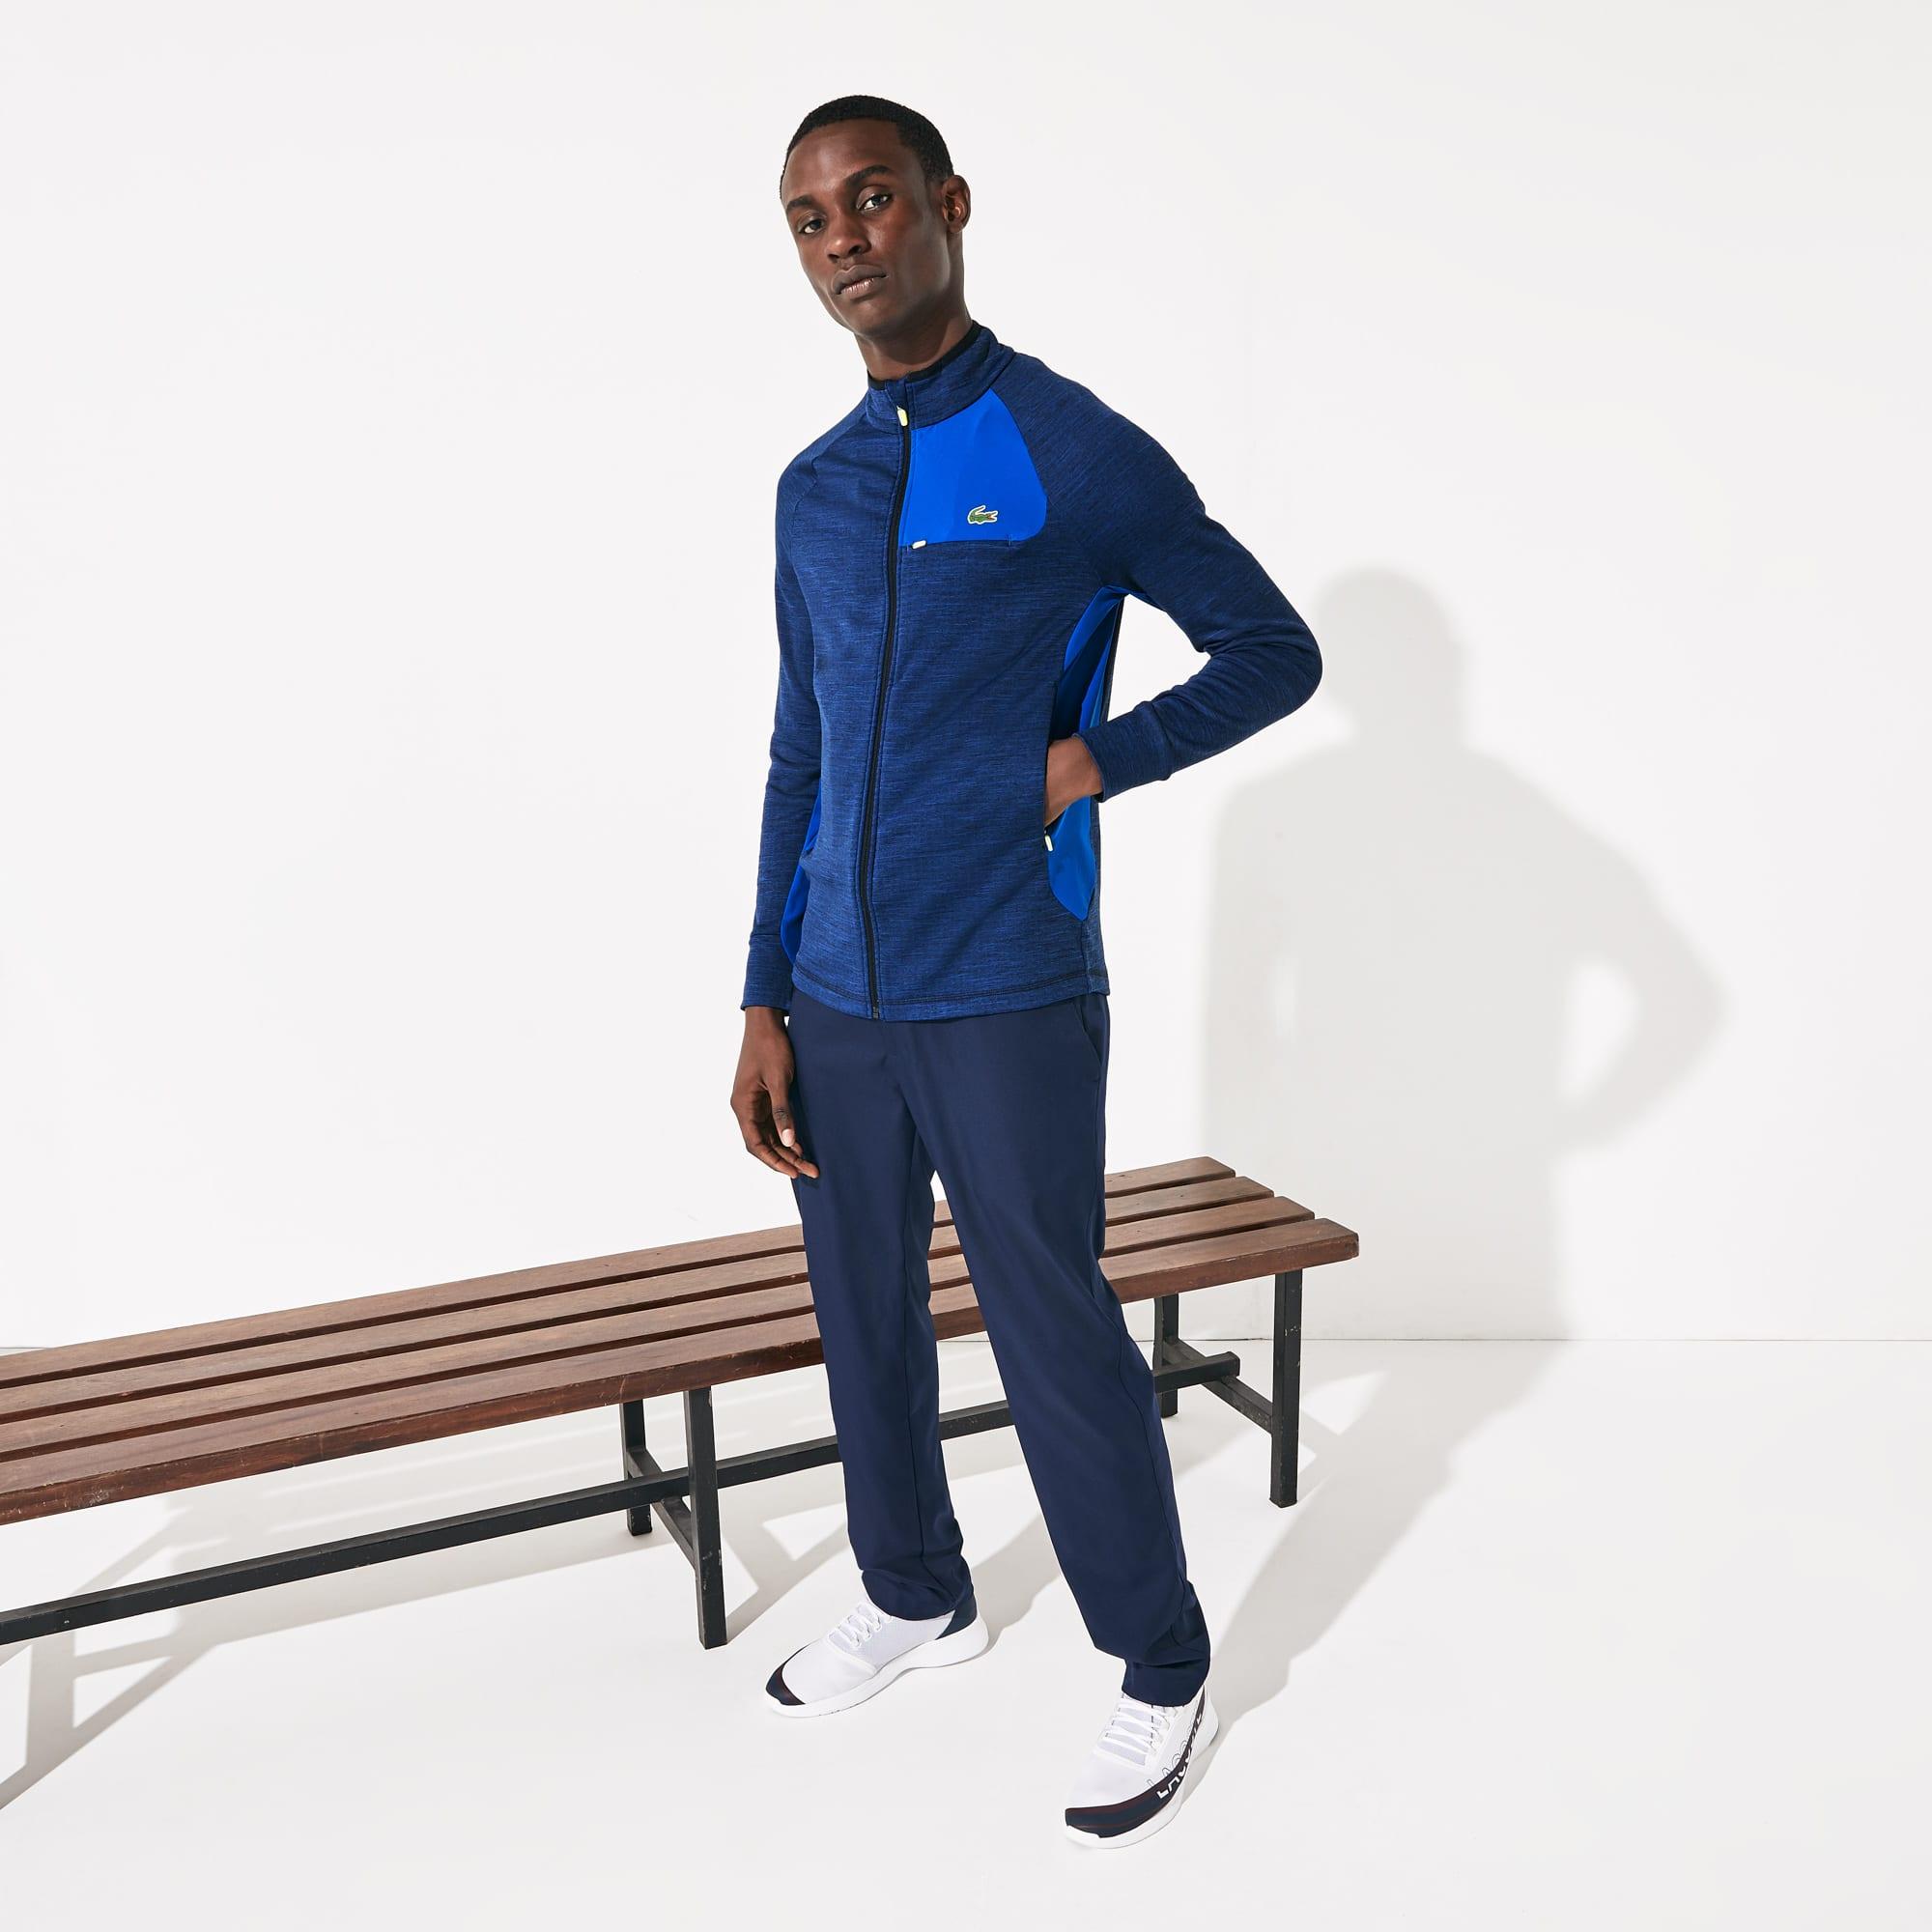 라코스테 스포츠 Lacoste Mens SPORT Breathable UV Protection Zip Sweatshirt,Blue Chine / Blue / Flashy Yellow / Navy Blue - 4B